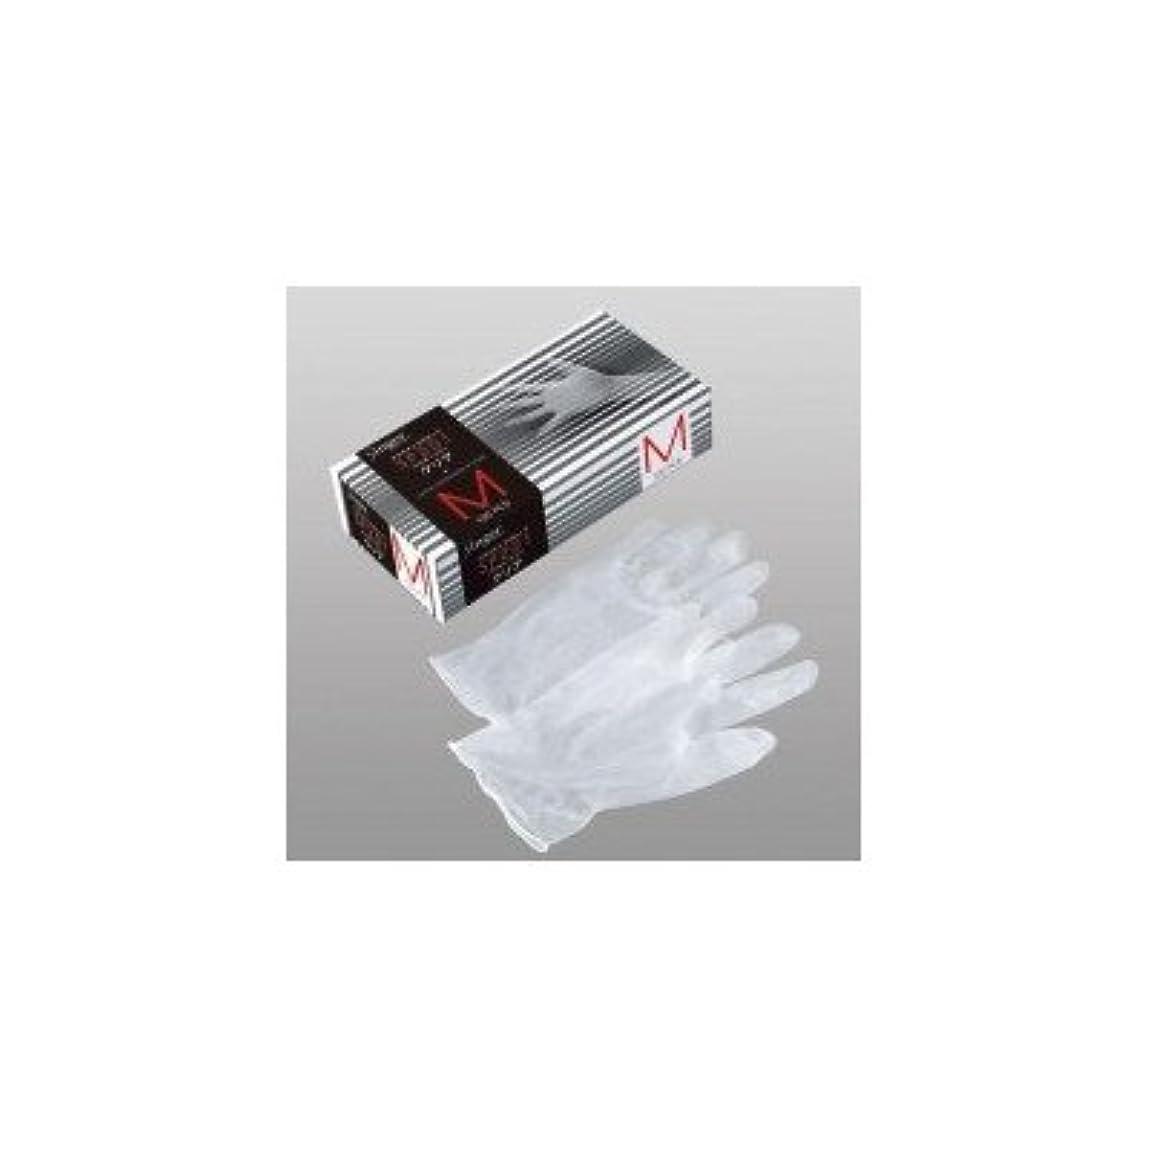 次へ息切れ記述するシンガープラスチックグローブ(手袋) SP201 パウダーフリー クリアー(100枚) S( 画像はイメージ画像です お届けの商品はSのみとなります)